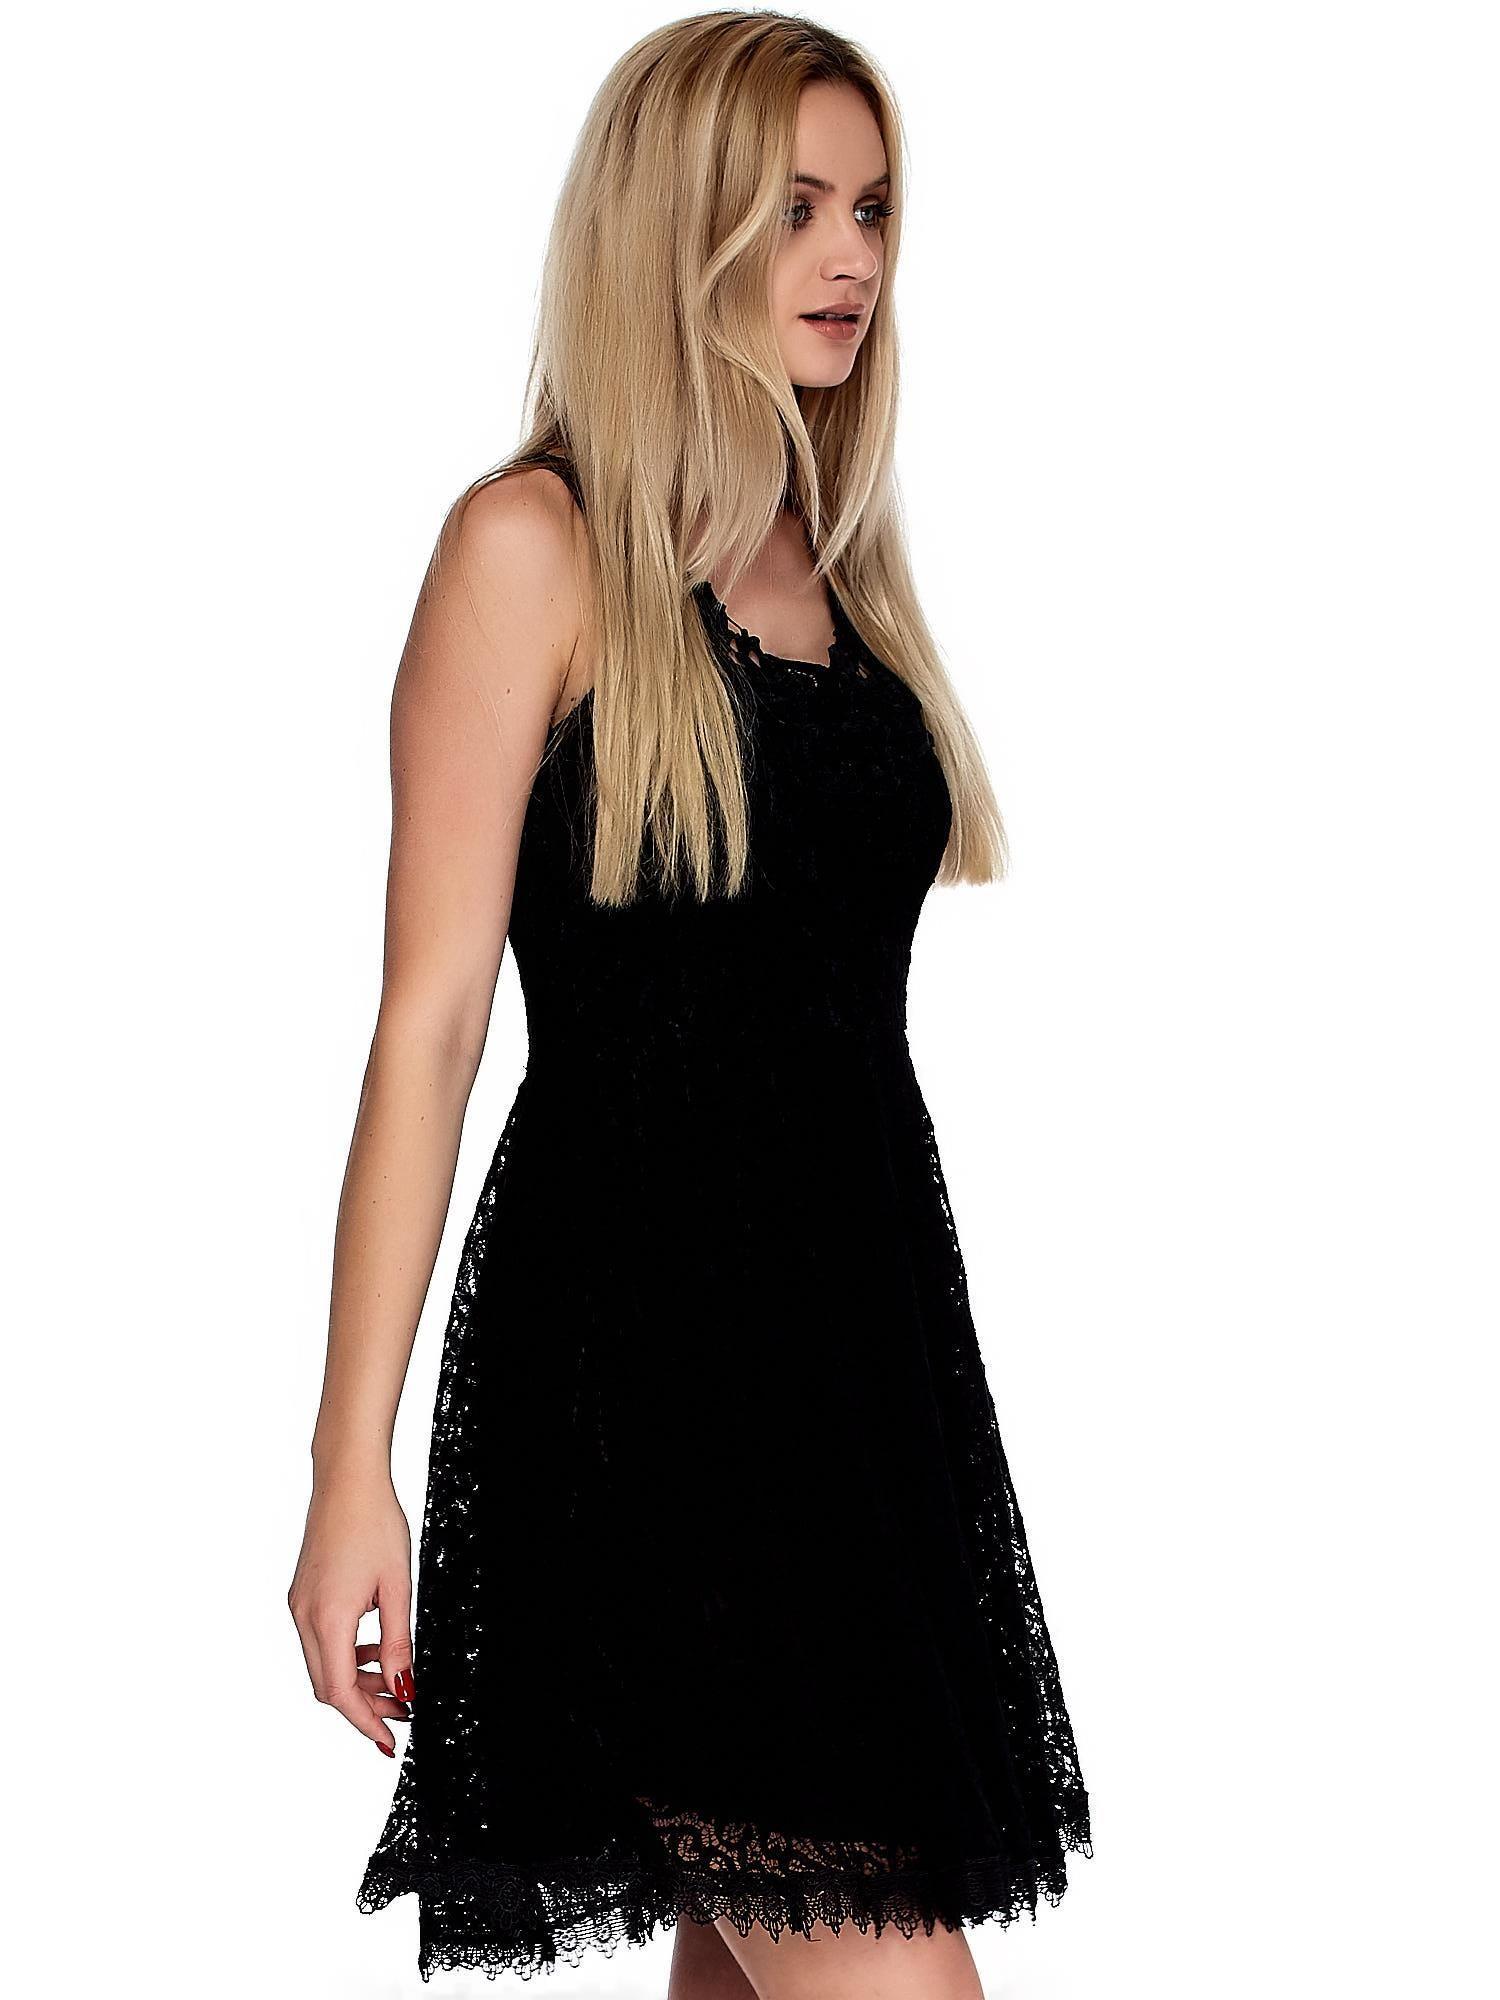 daa08473d7 Wspólne Czarna koronkowa sukienka z ozdobnym dekoltem - Sukienka z koronką   TI-04